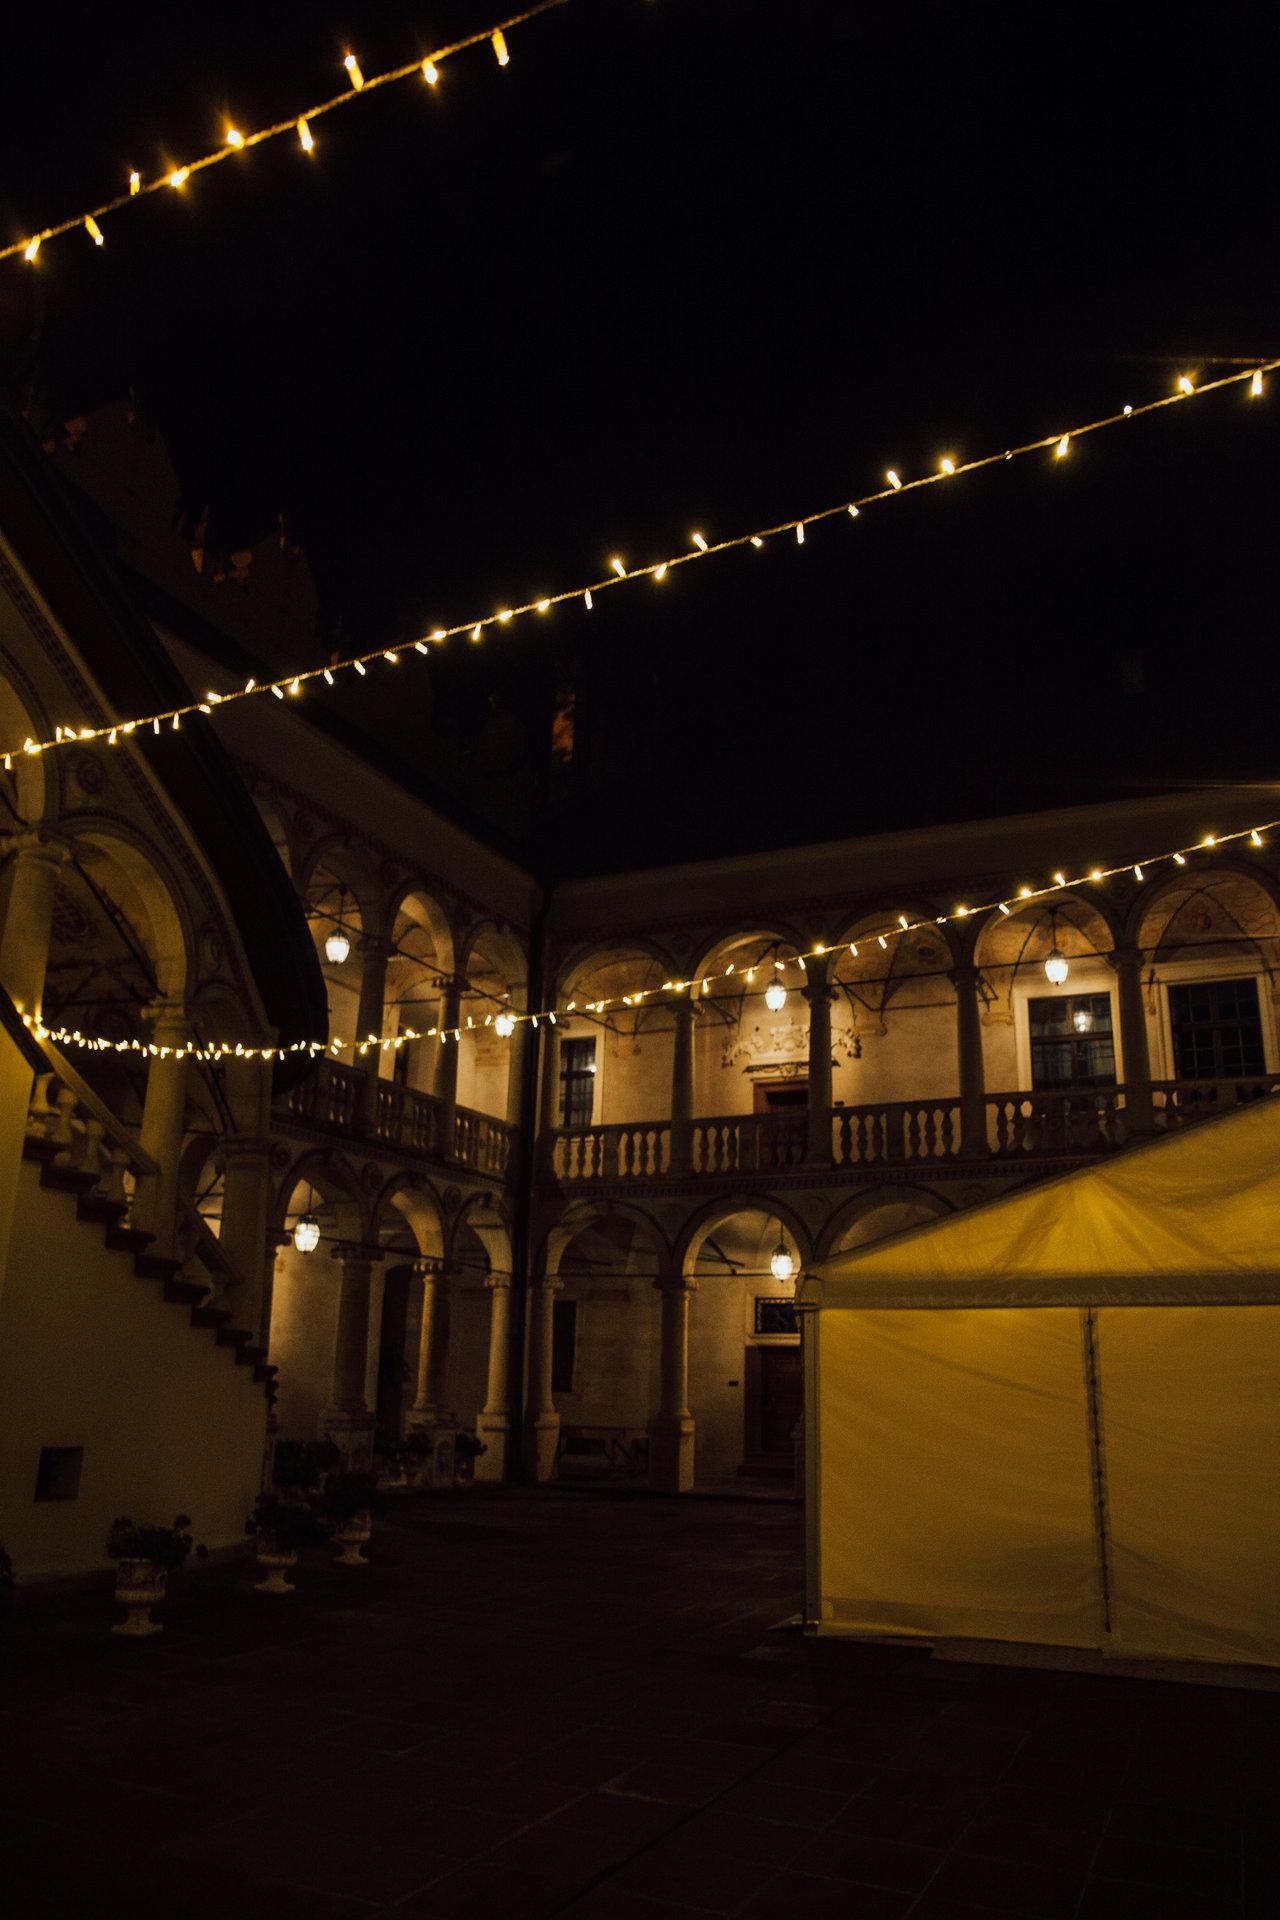 wynajem światełek fairy lights dziedziniec zamku w Baranowie Sandomierskim